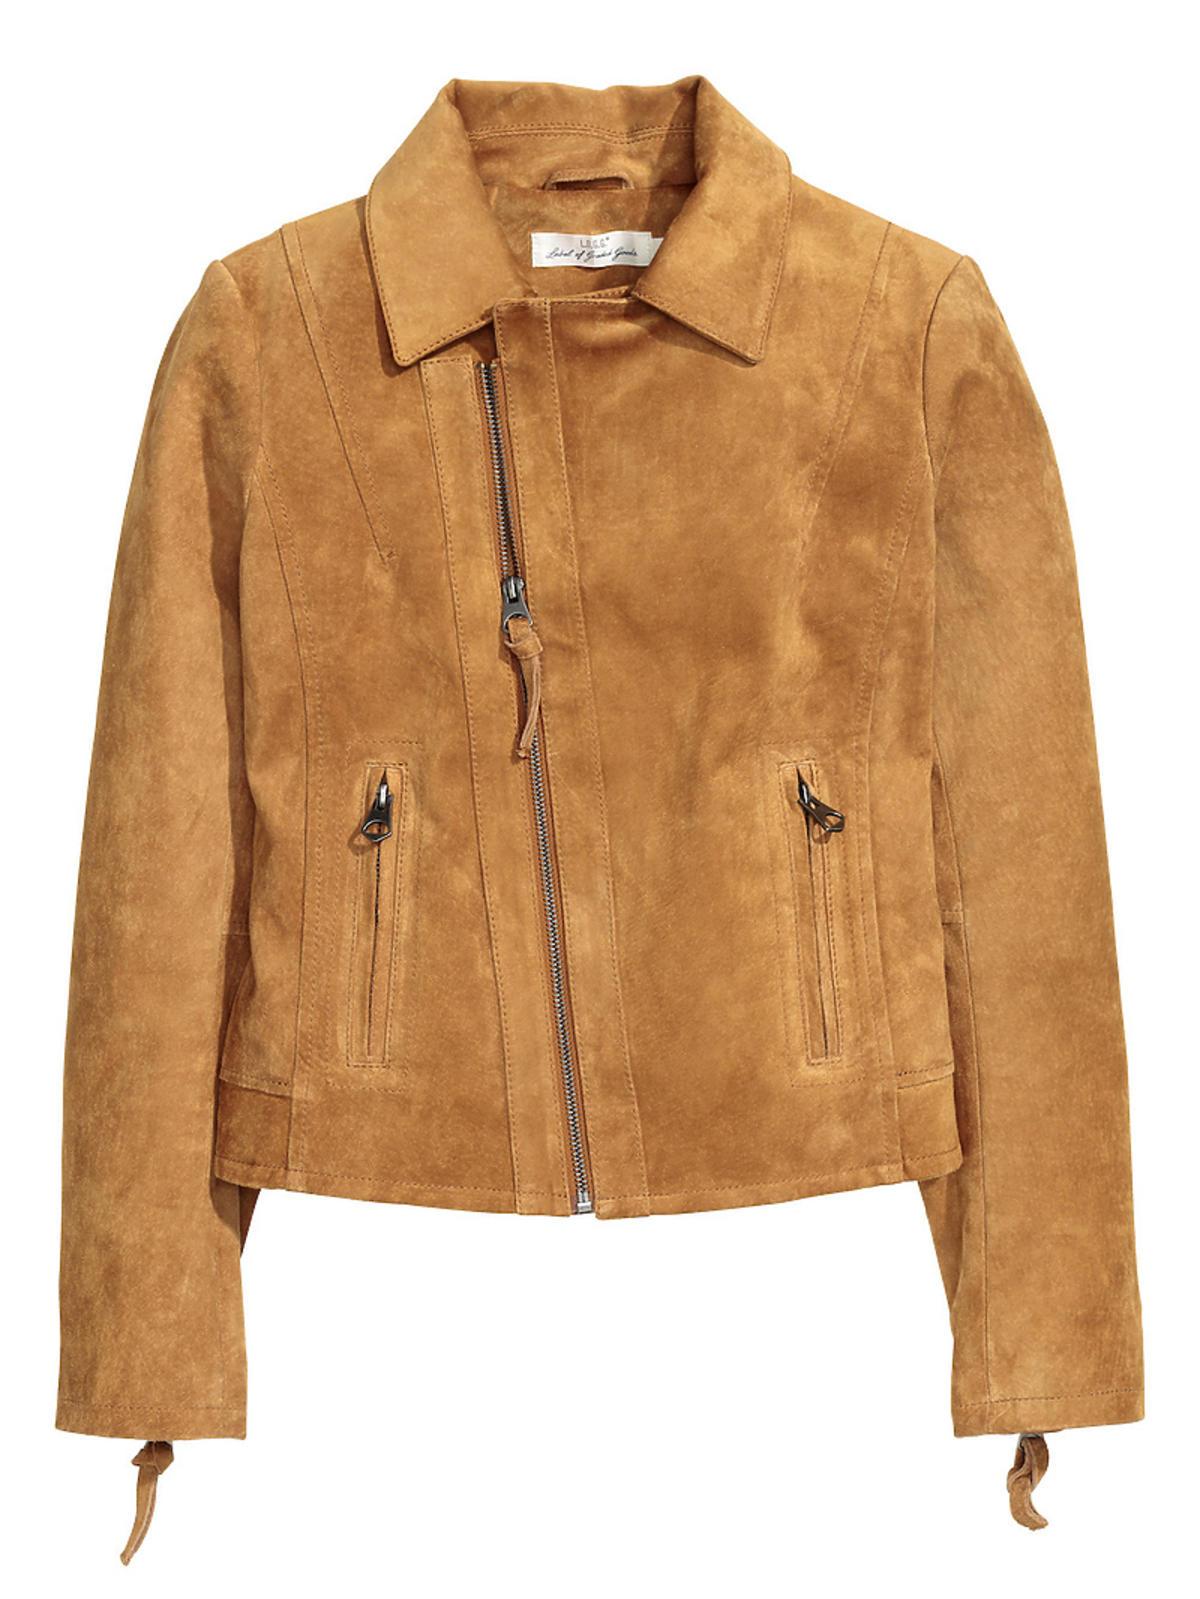 Zamszowa kurtka marki H&M, 499 zł